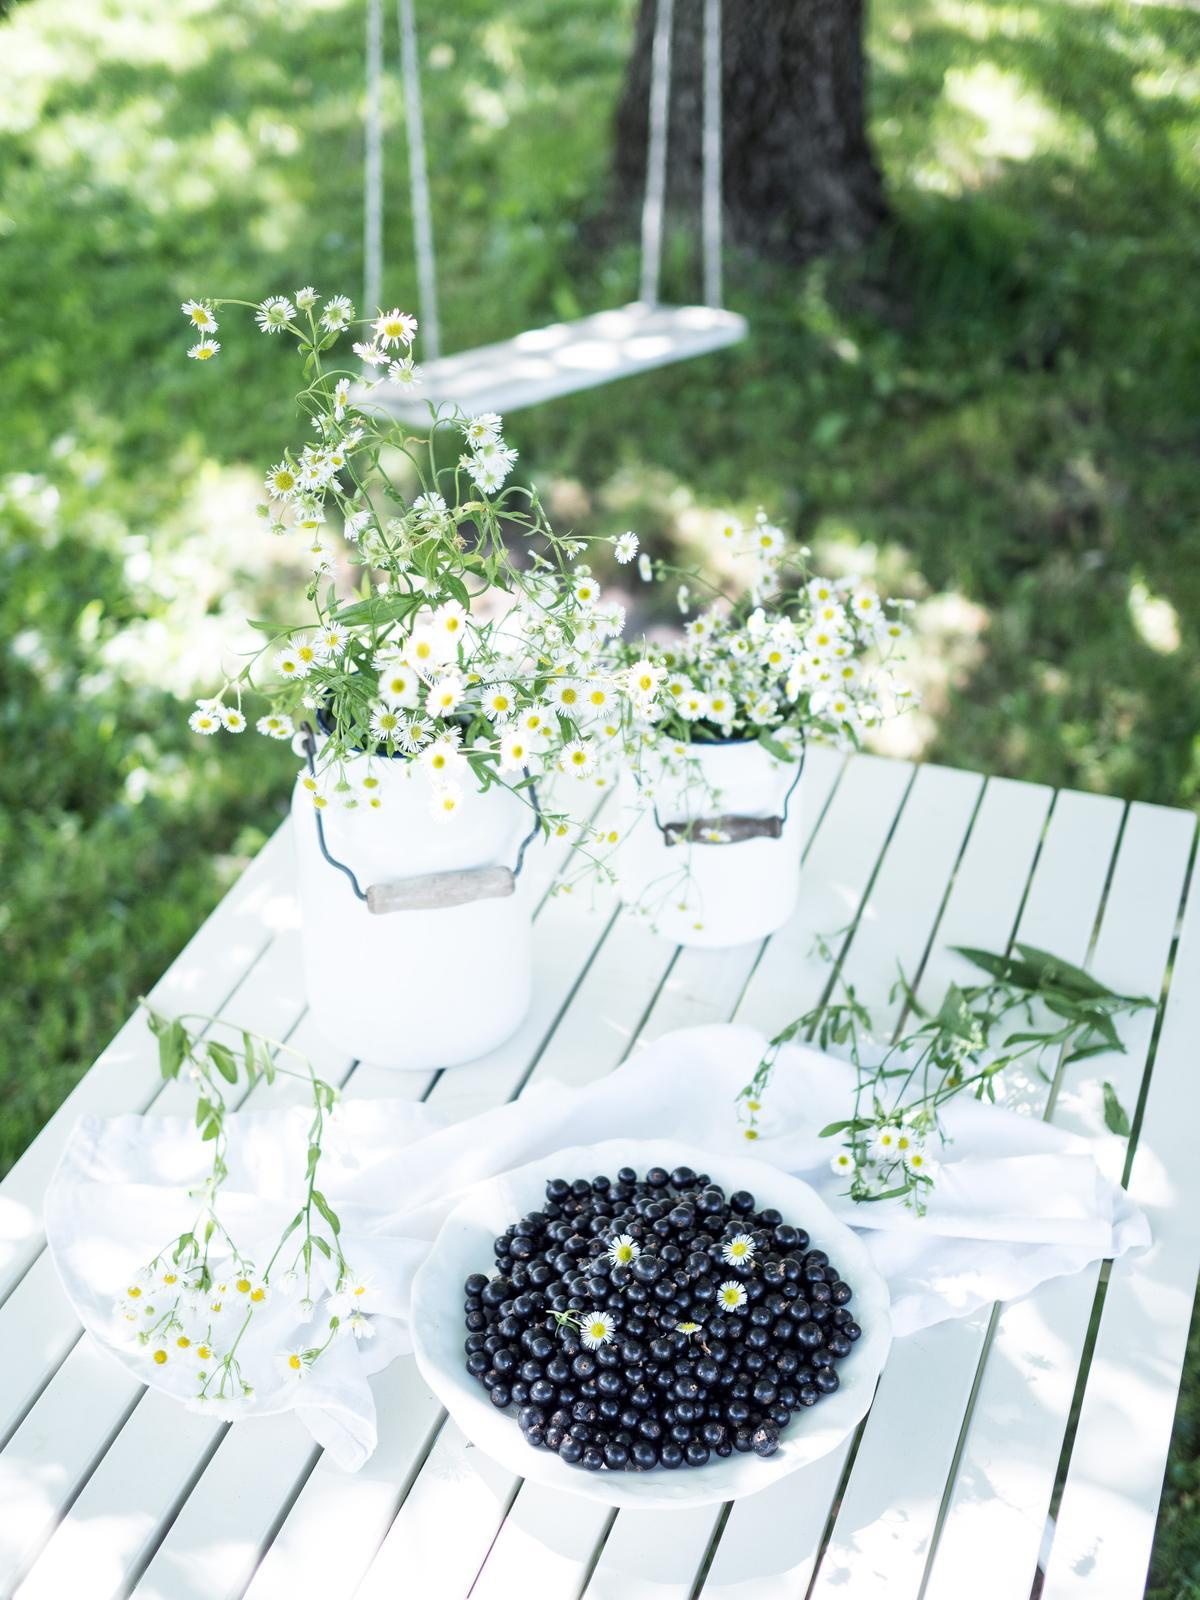 Záhrada a terasa - http://www.prairie-charm.com/2018/07/junova-zahrada.html